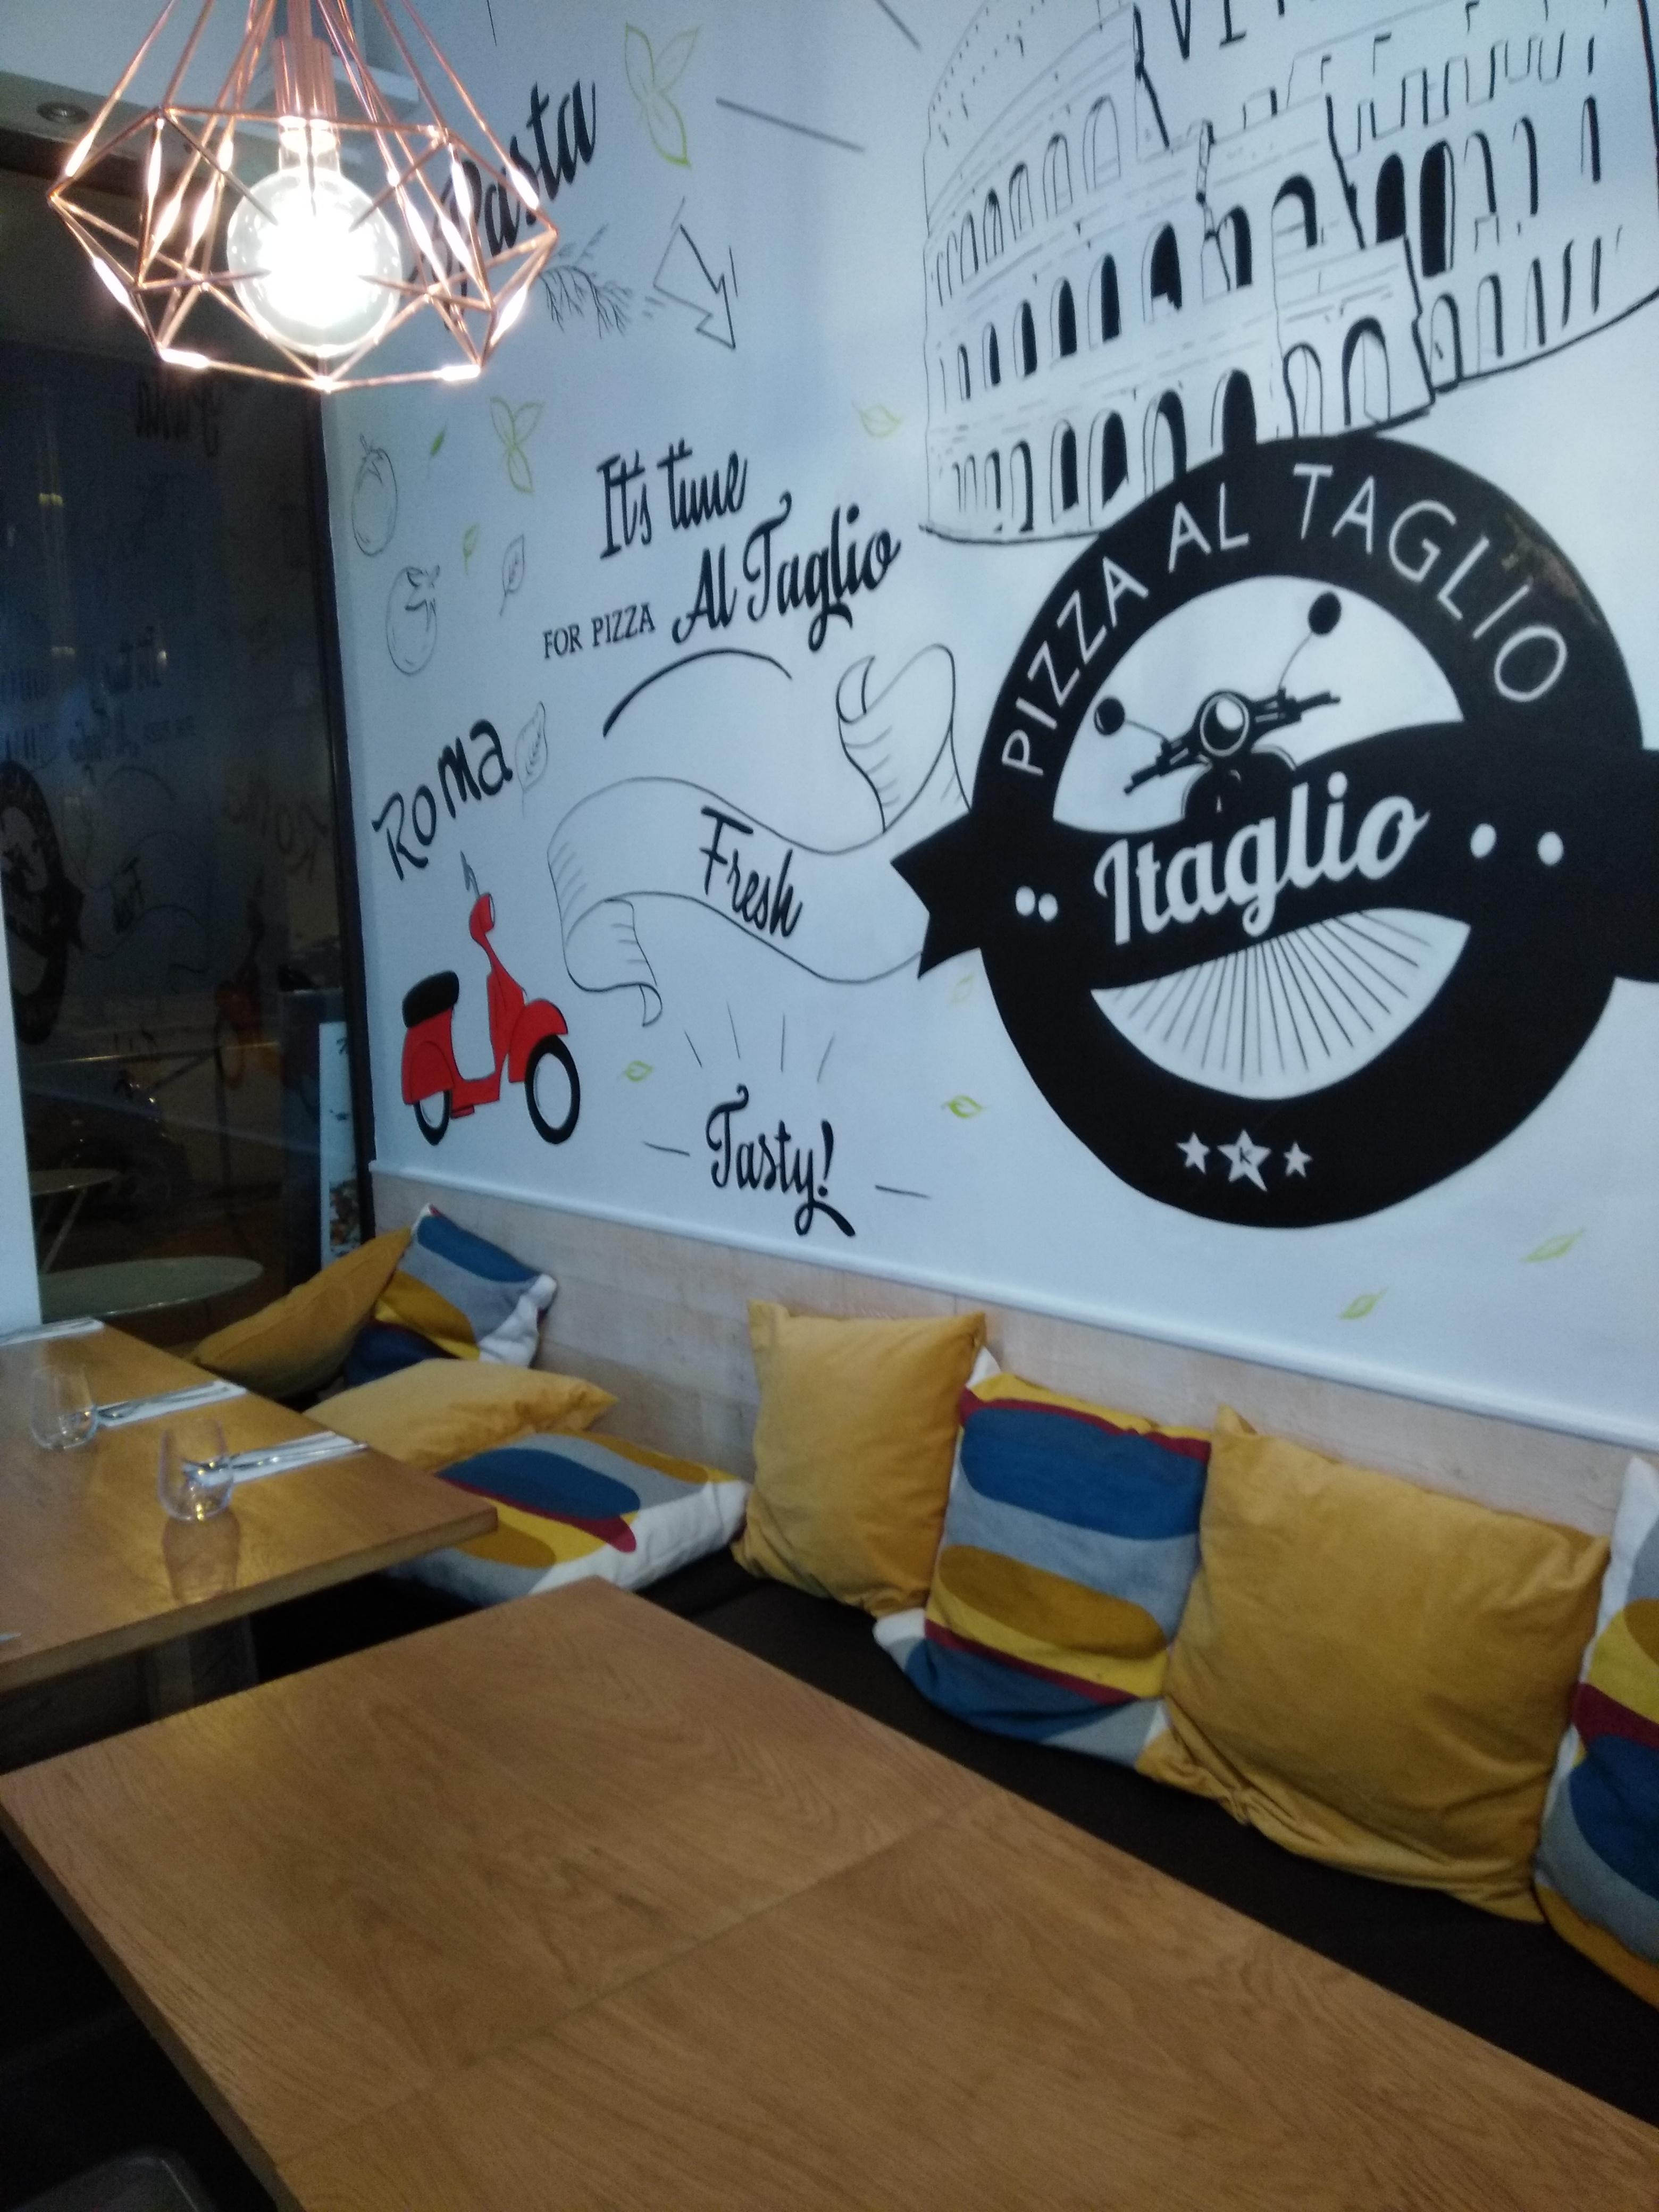 Pizzeria cachere levallois - restaurant 92 -itaglio